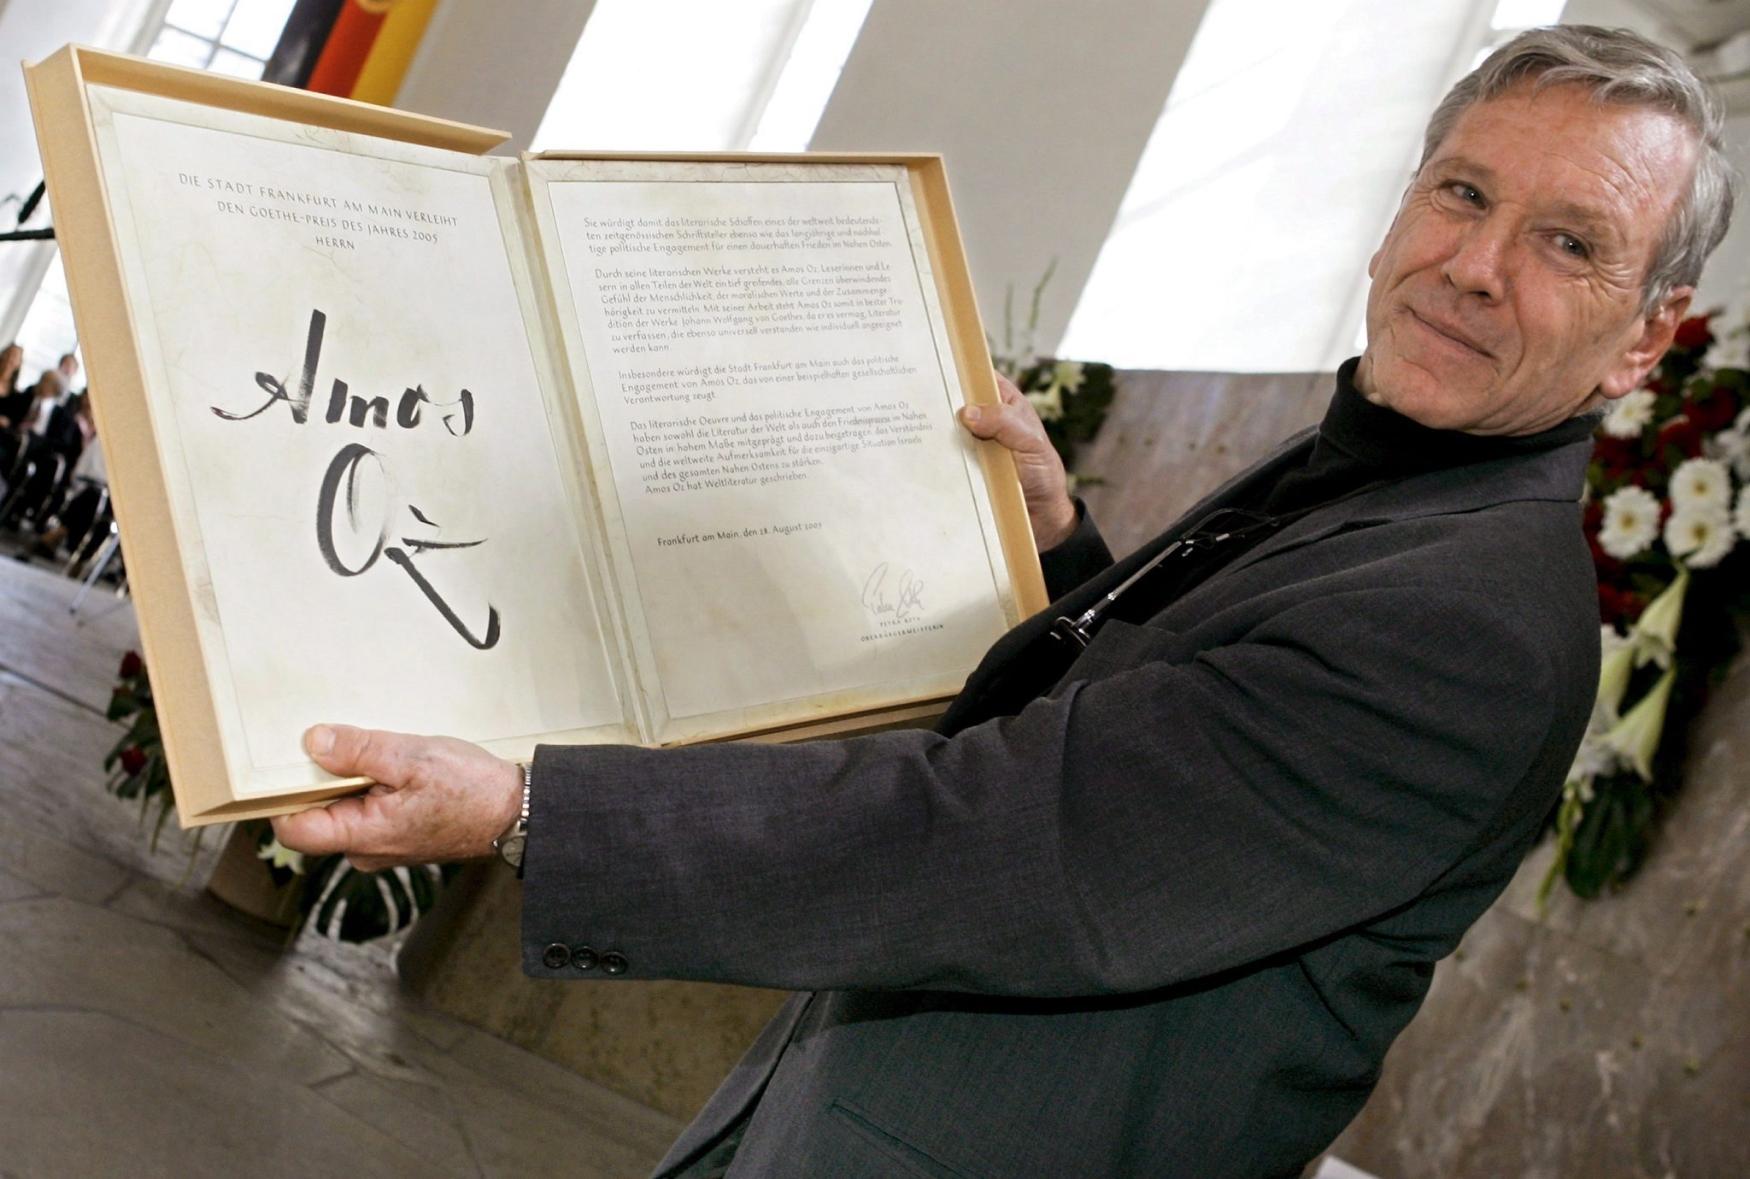 Izraelský spisovatel Amos Oz dostal 28. srpna ve Frankfurtu nad Mohanem Goethovu cenu za tematickou šíři a stylistickou vytříbenost, které jej řadí mezi nejvýznamnější autory současnosti.